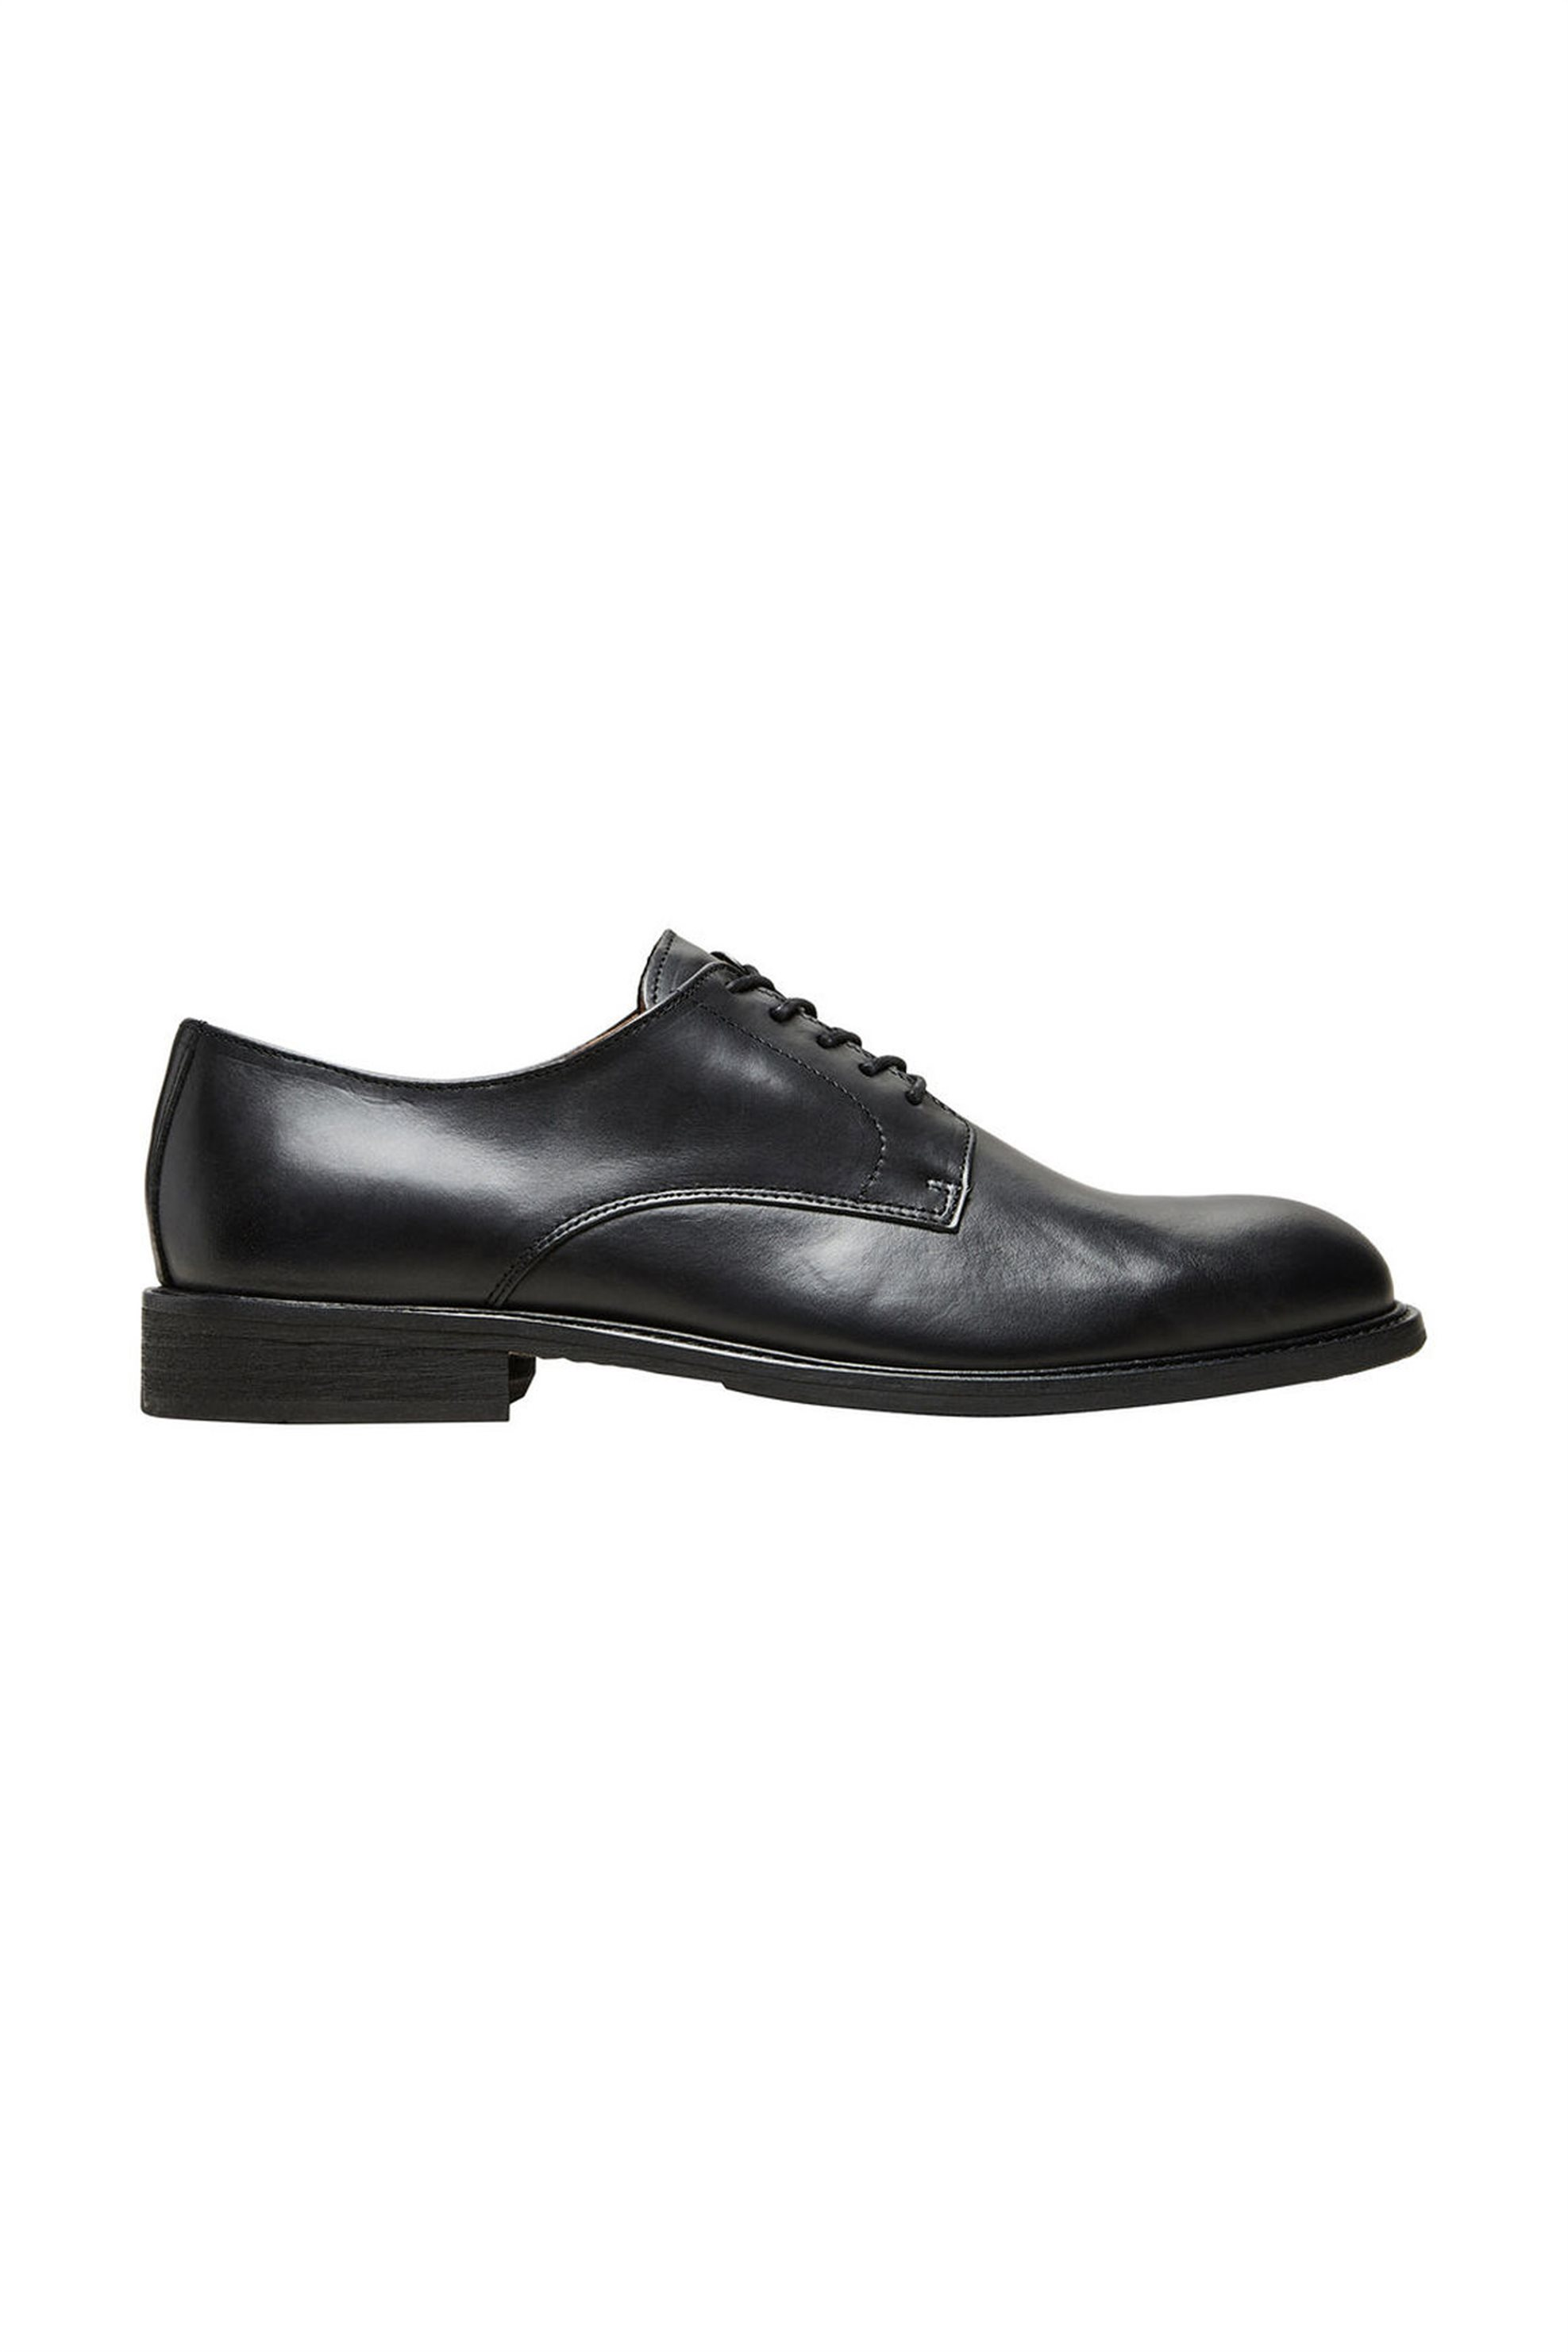 SELECTED ανδρικά σκαρπίνια Derby με κορδόνια - 16060381 - Μαύρο ανδρασ   παπουτσια   σκαρπίνια   oxford